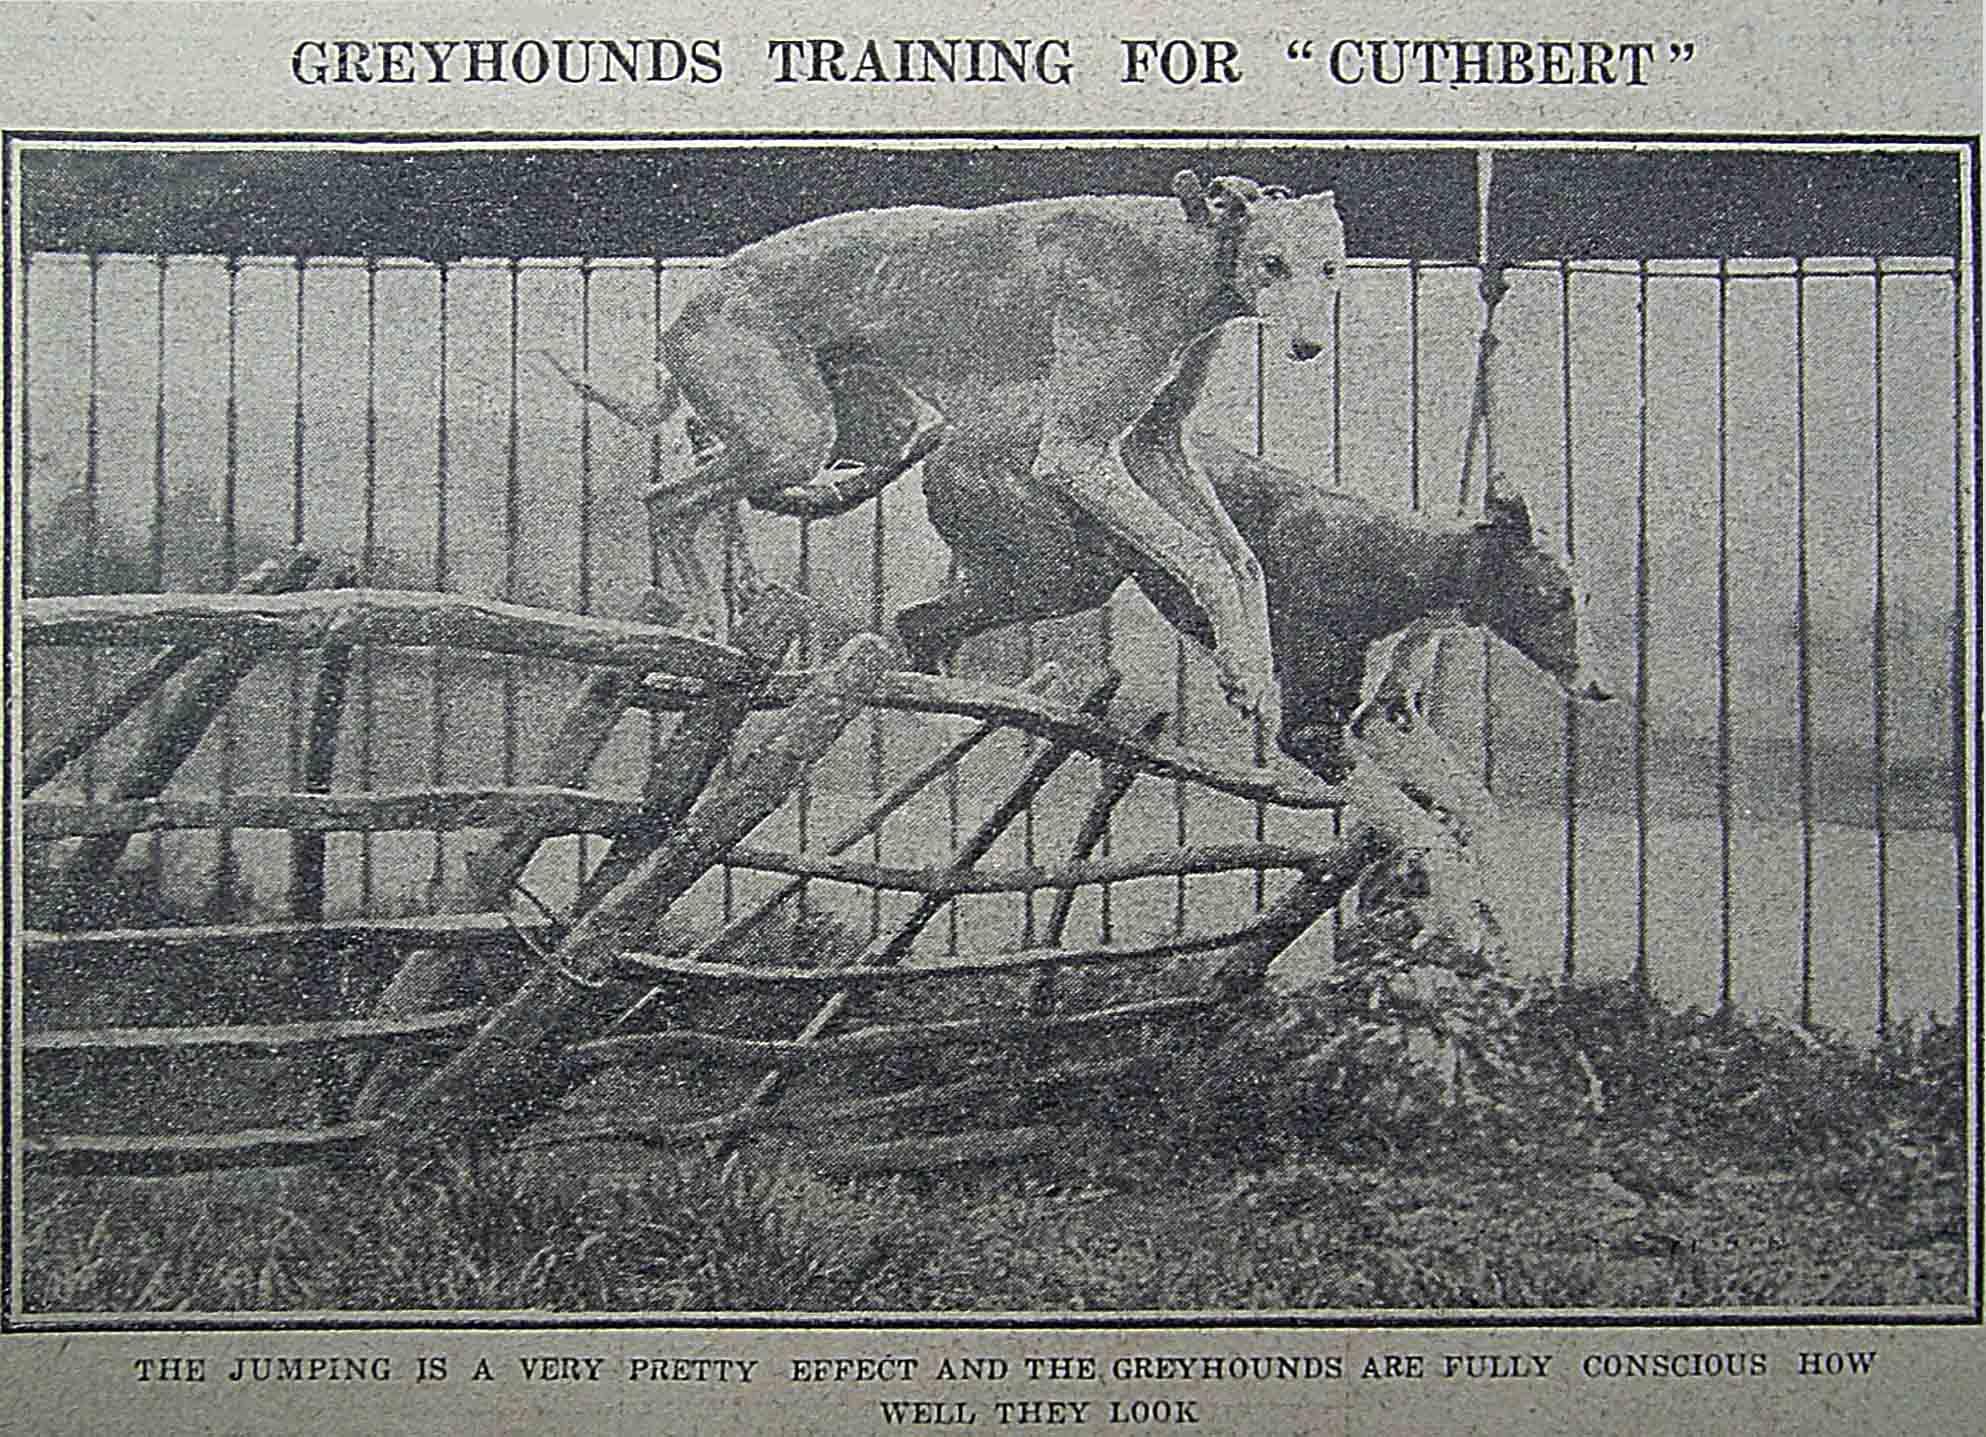 靈緹犬的身形瘦長,輕輕一躍,就優雅地跳過障礙。 資料來源│North China Daily News, 28 May 1928, p.12